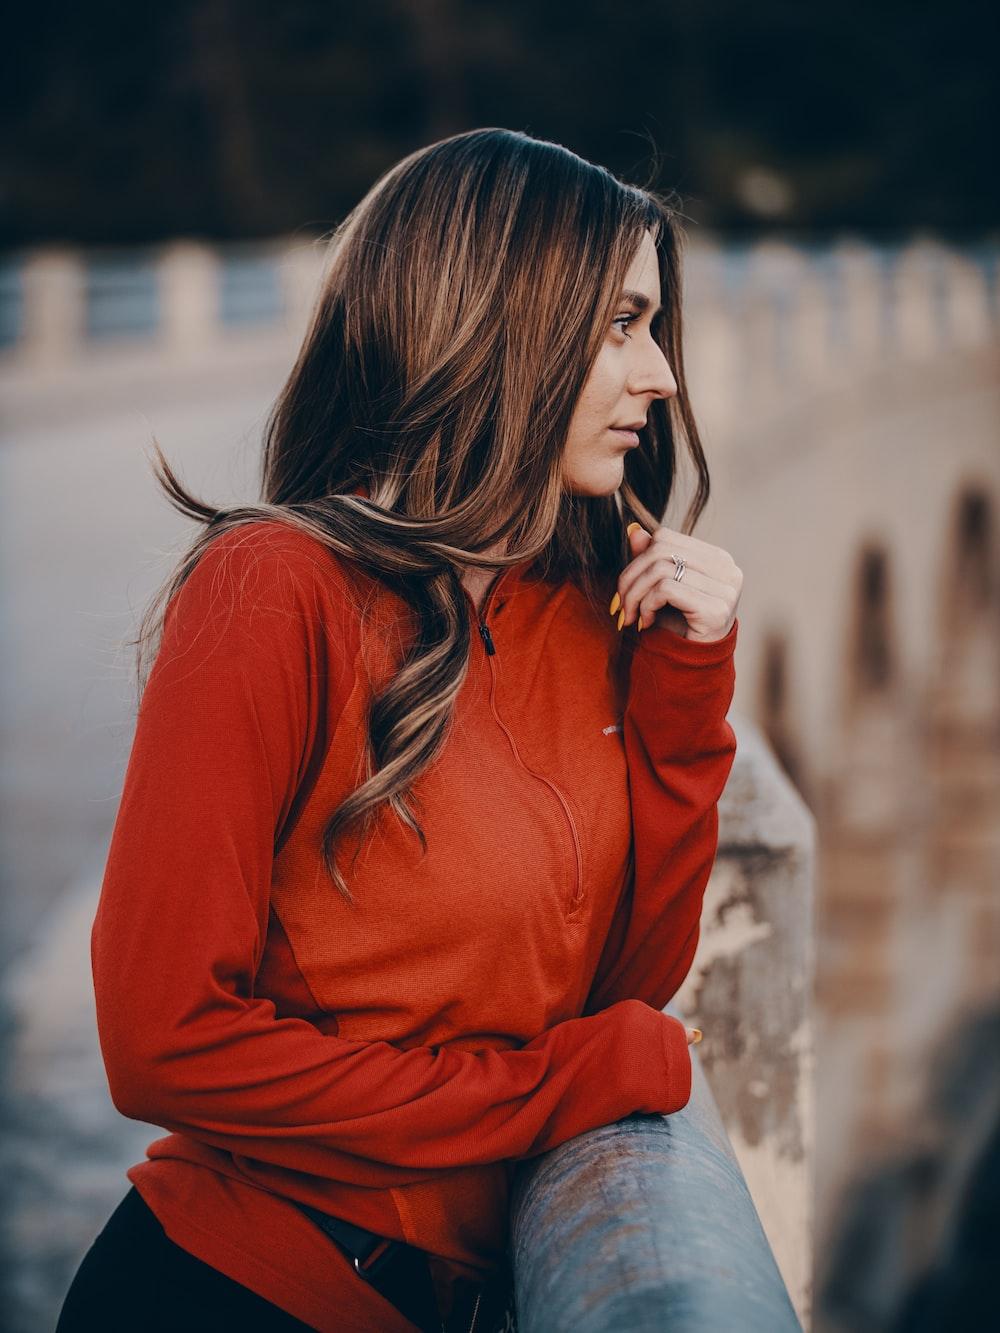 woman wearing orange zip-up hoodie